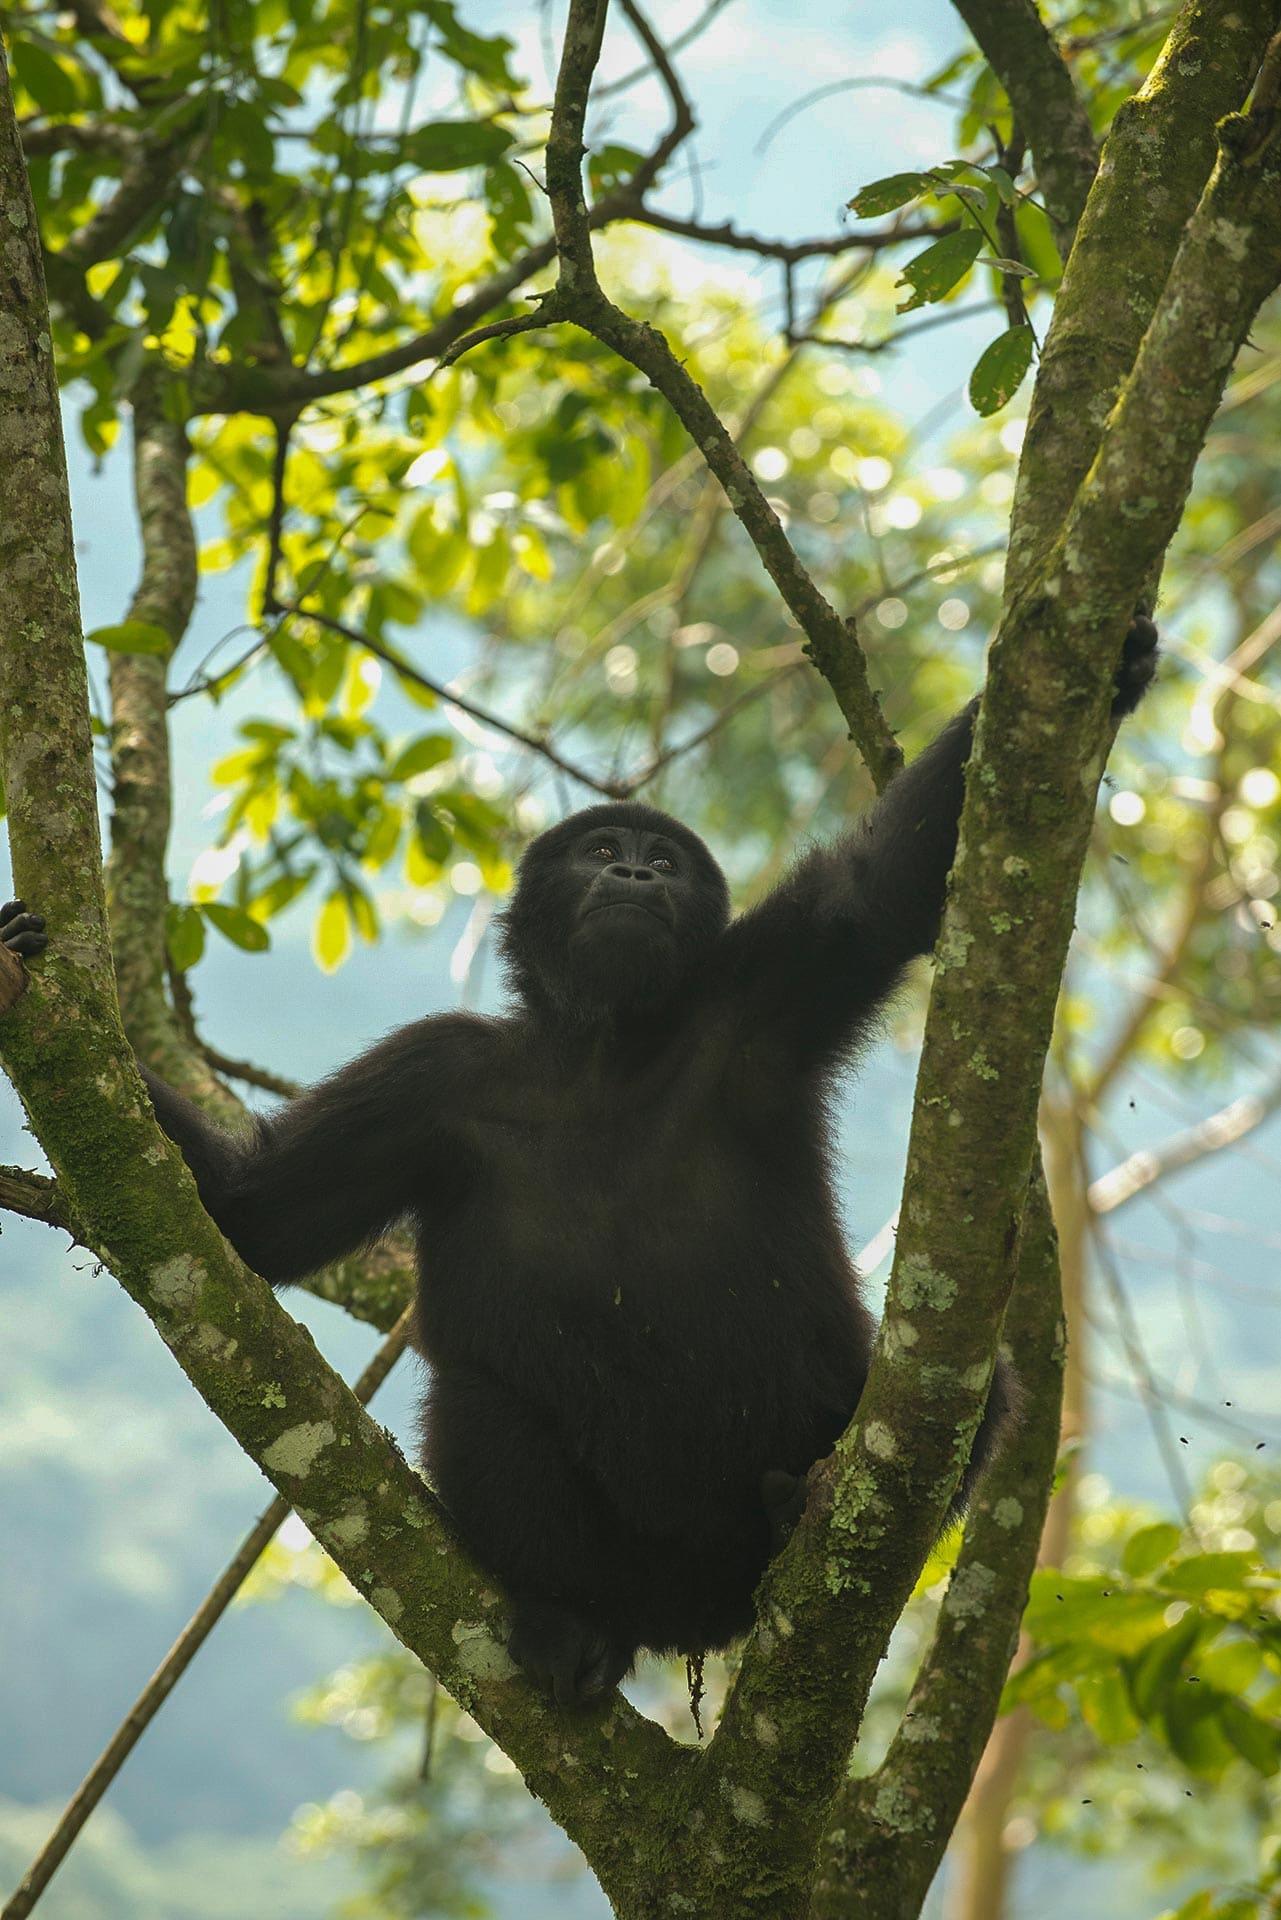 Young Nkuringo Gorilla || Bwindi Impenetrable National Park, Uganda